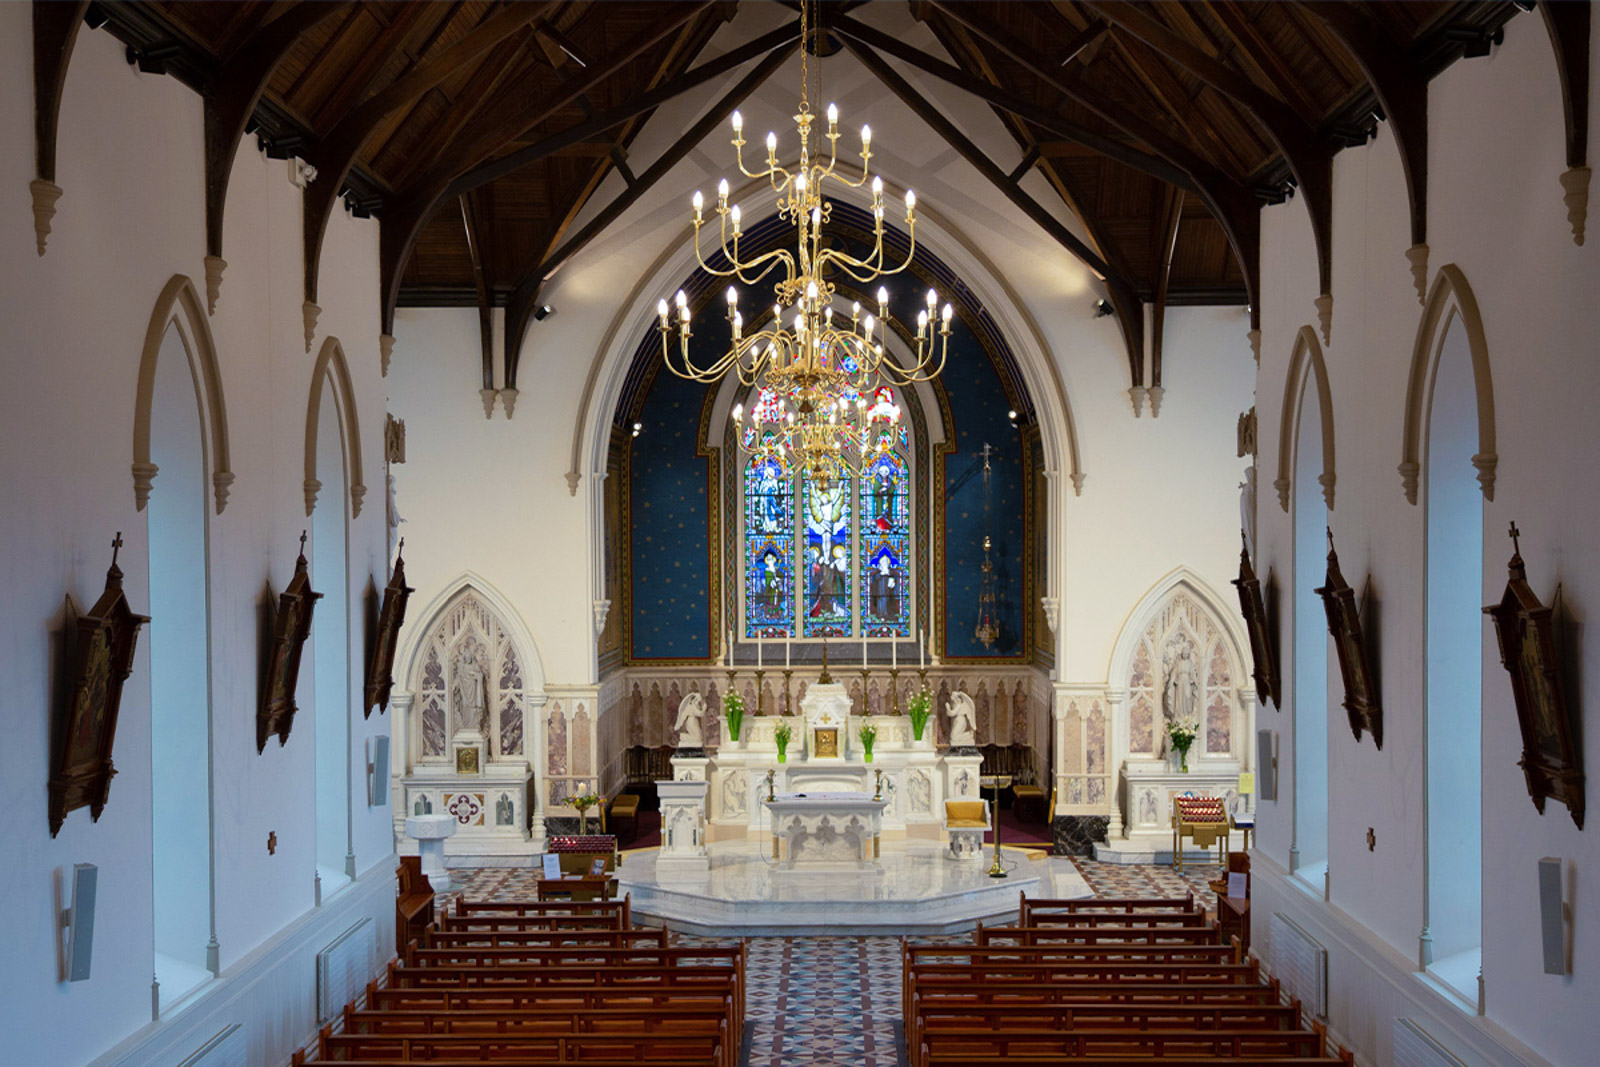 St. Mary's Church, Castleblayney, Co. Monaghan